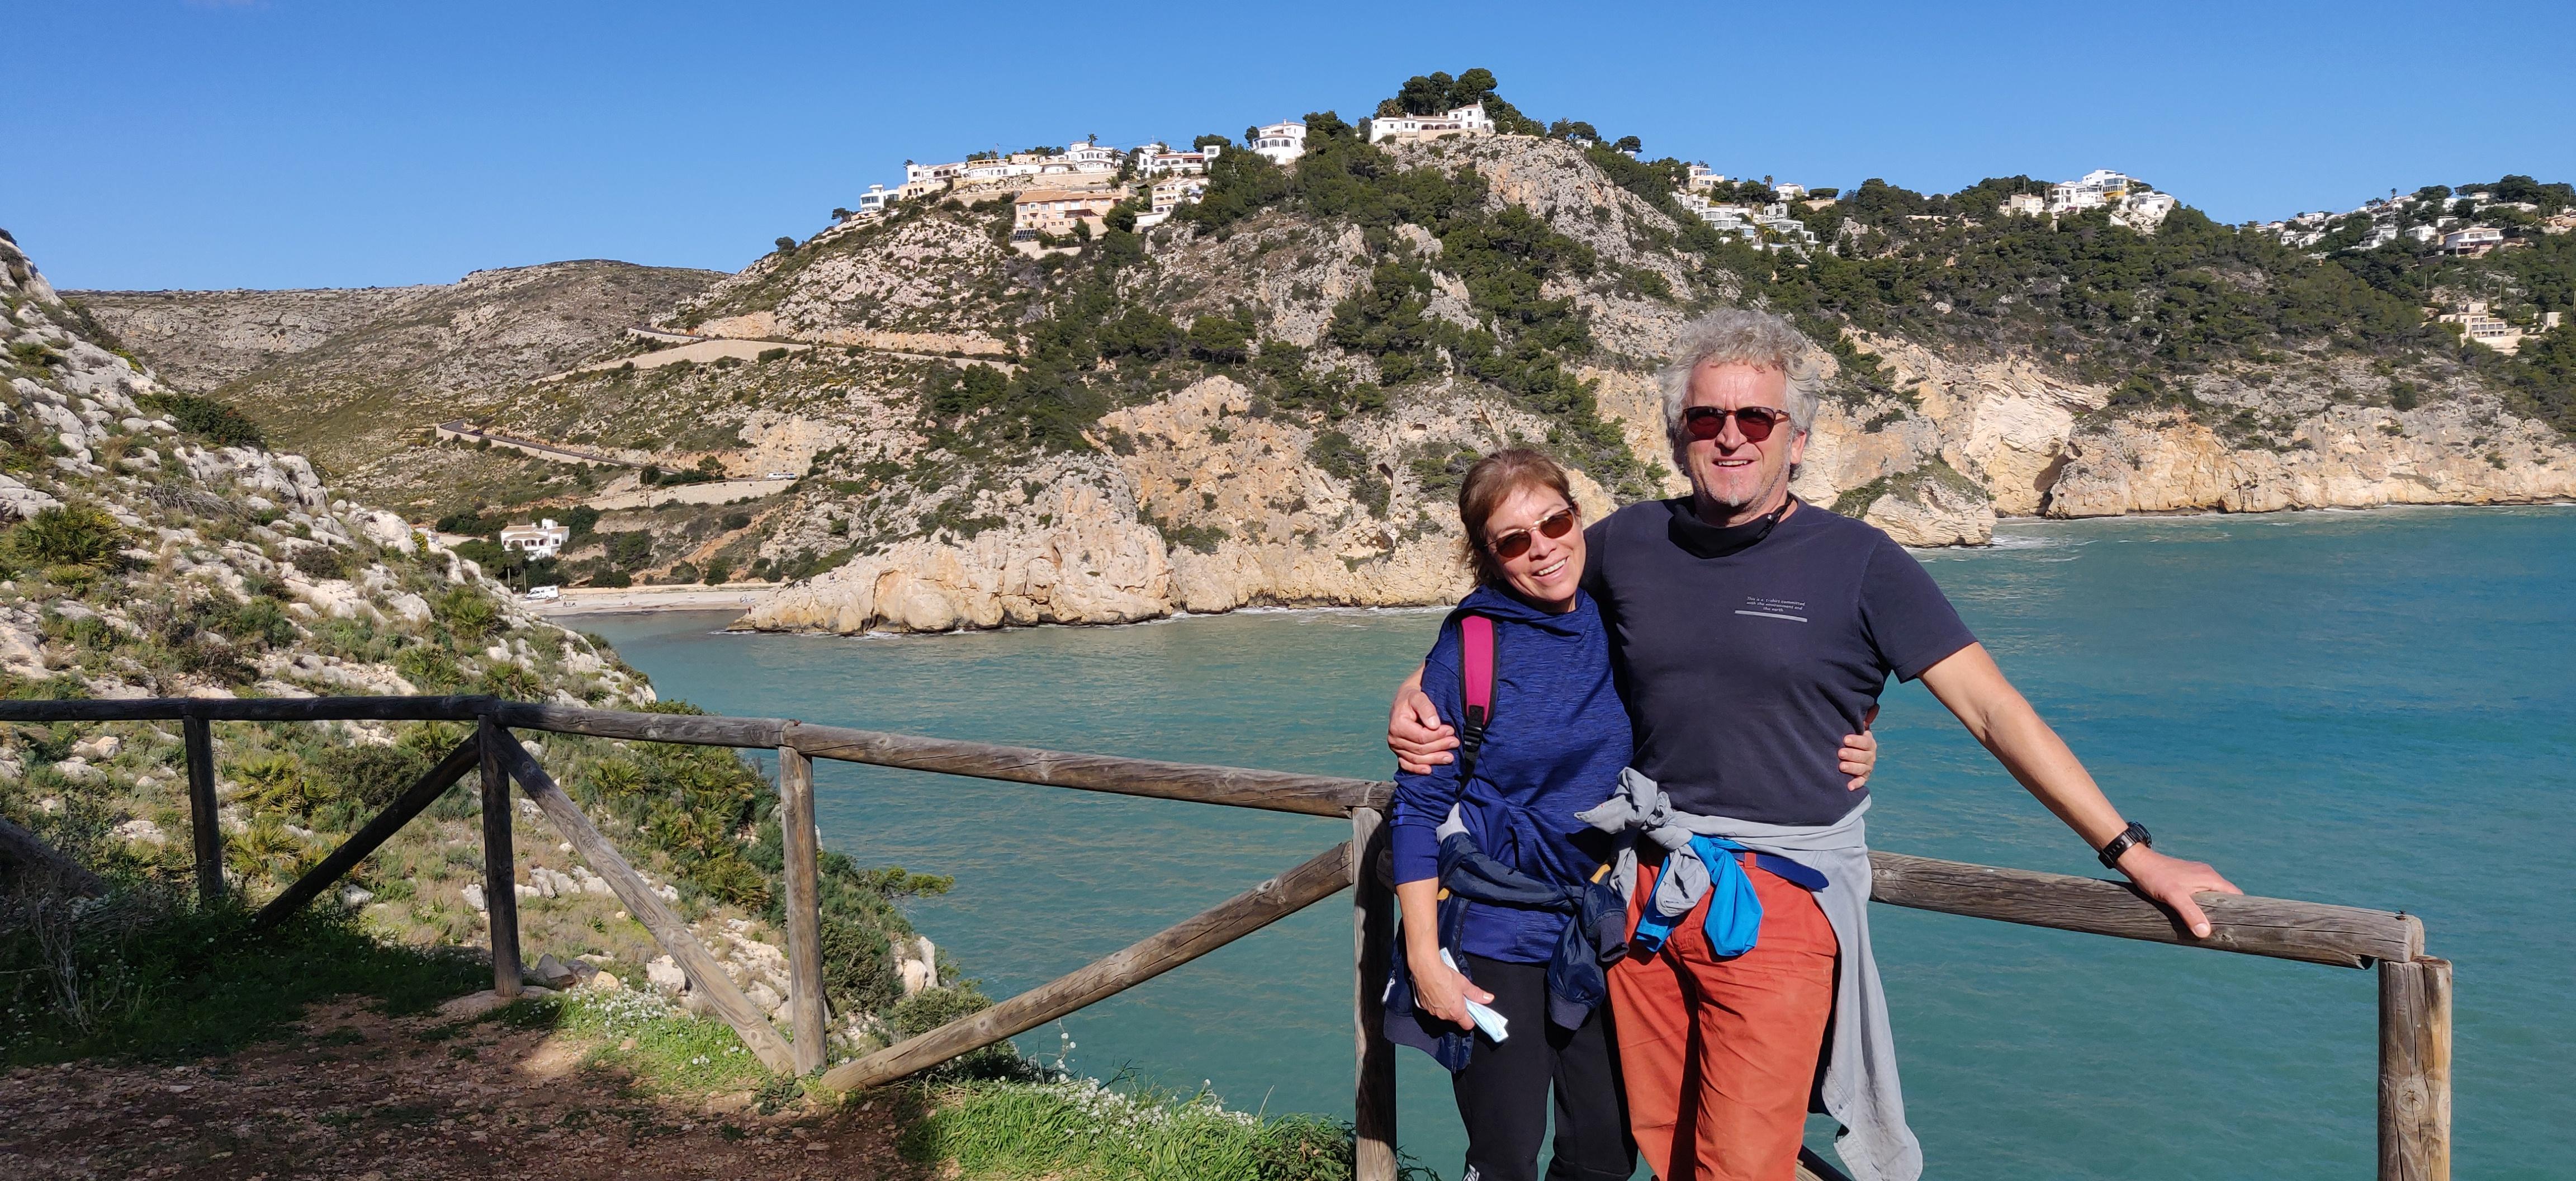 Actividades y Excursiones en la Costa Blanca